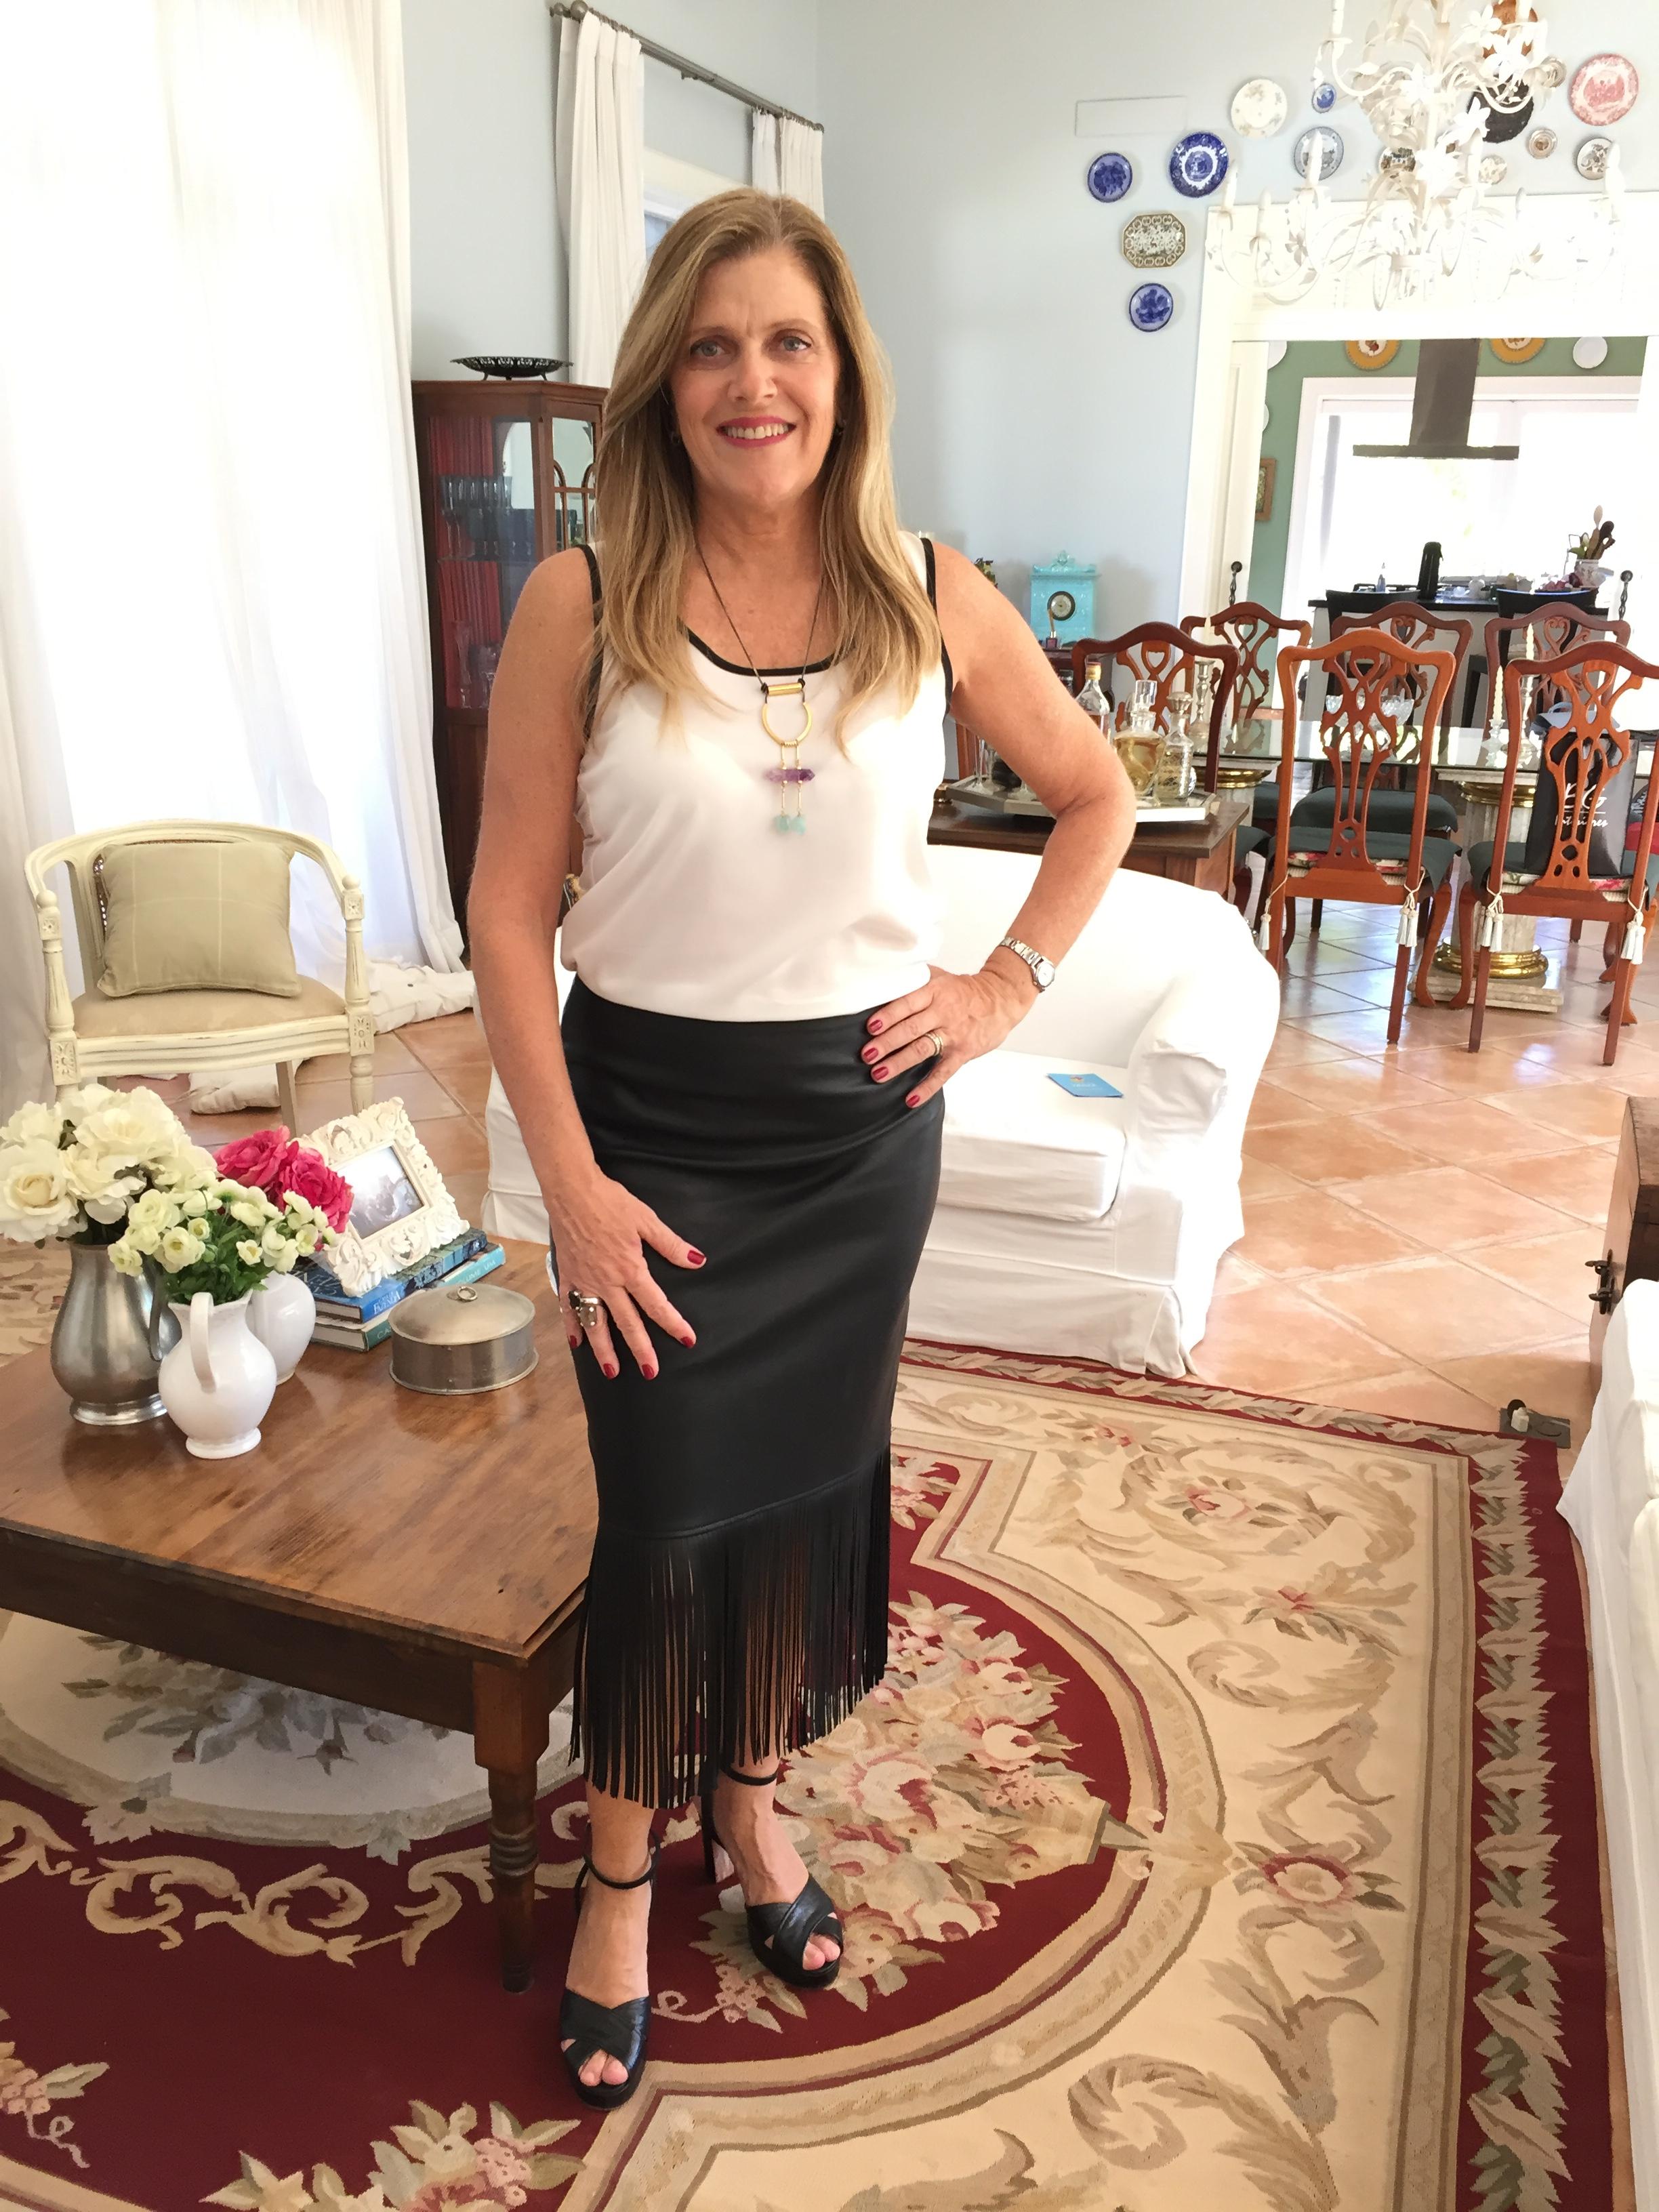 saia: Zara/ tenis: Adidas/ sandália: Maison D´or/ colar: Luiza Dias 111